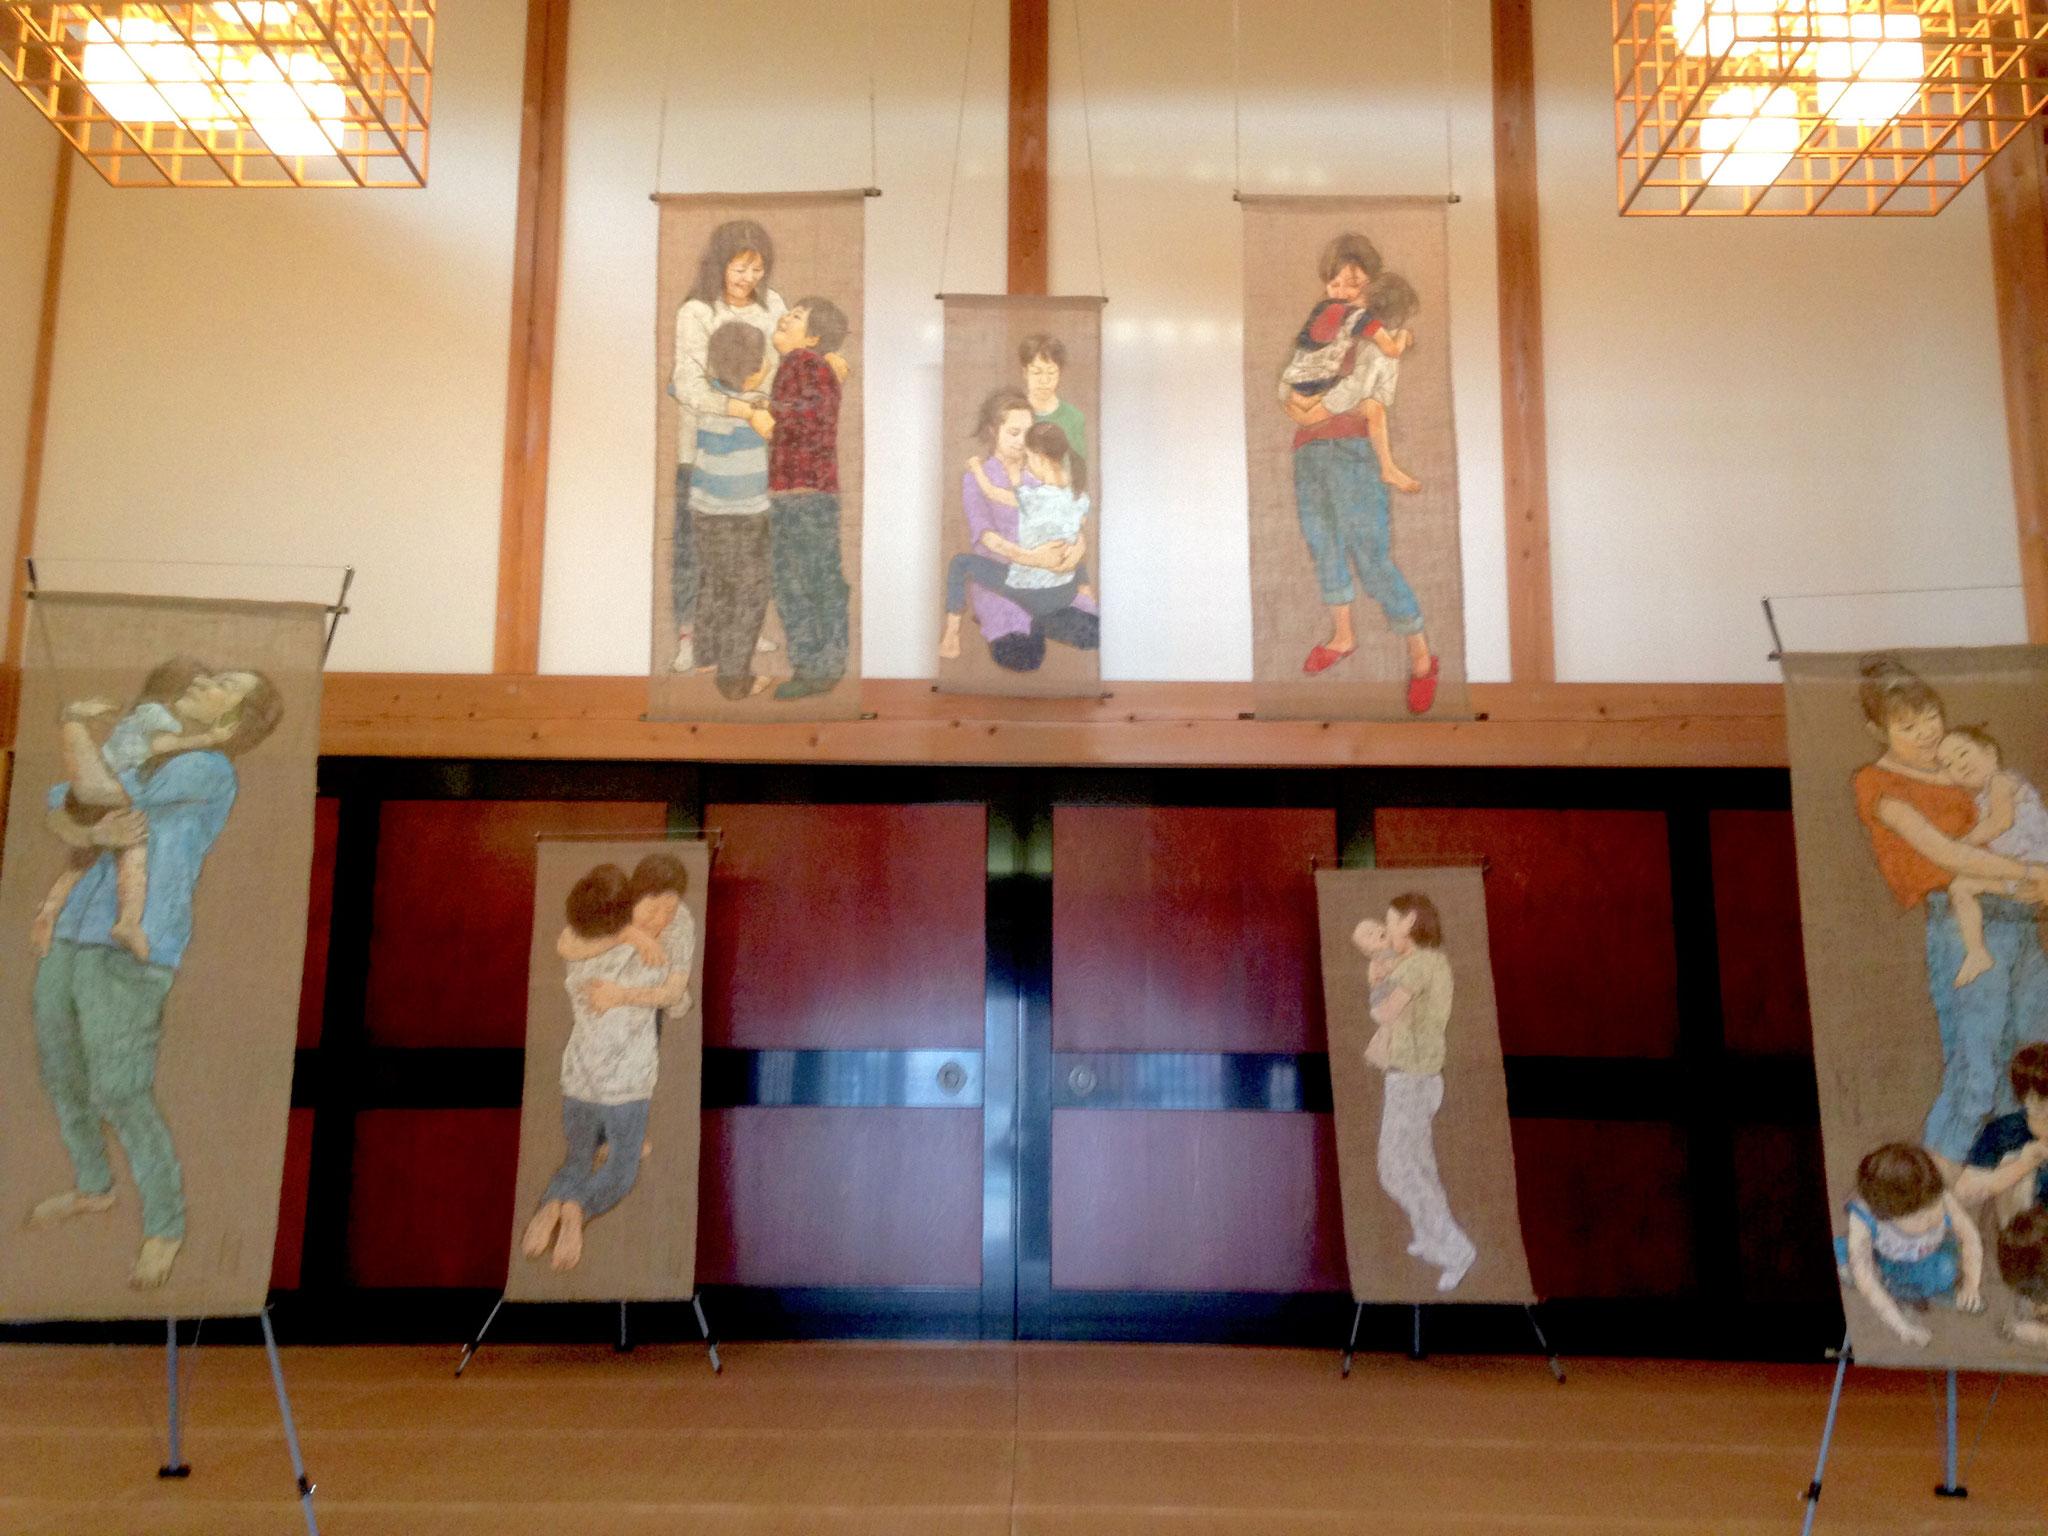 称名寺・庫裏玄関 (石川県・小松市) 2015年